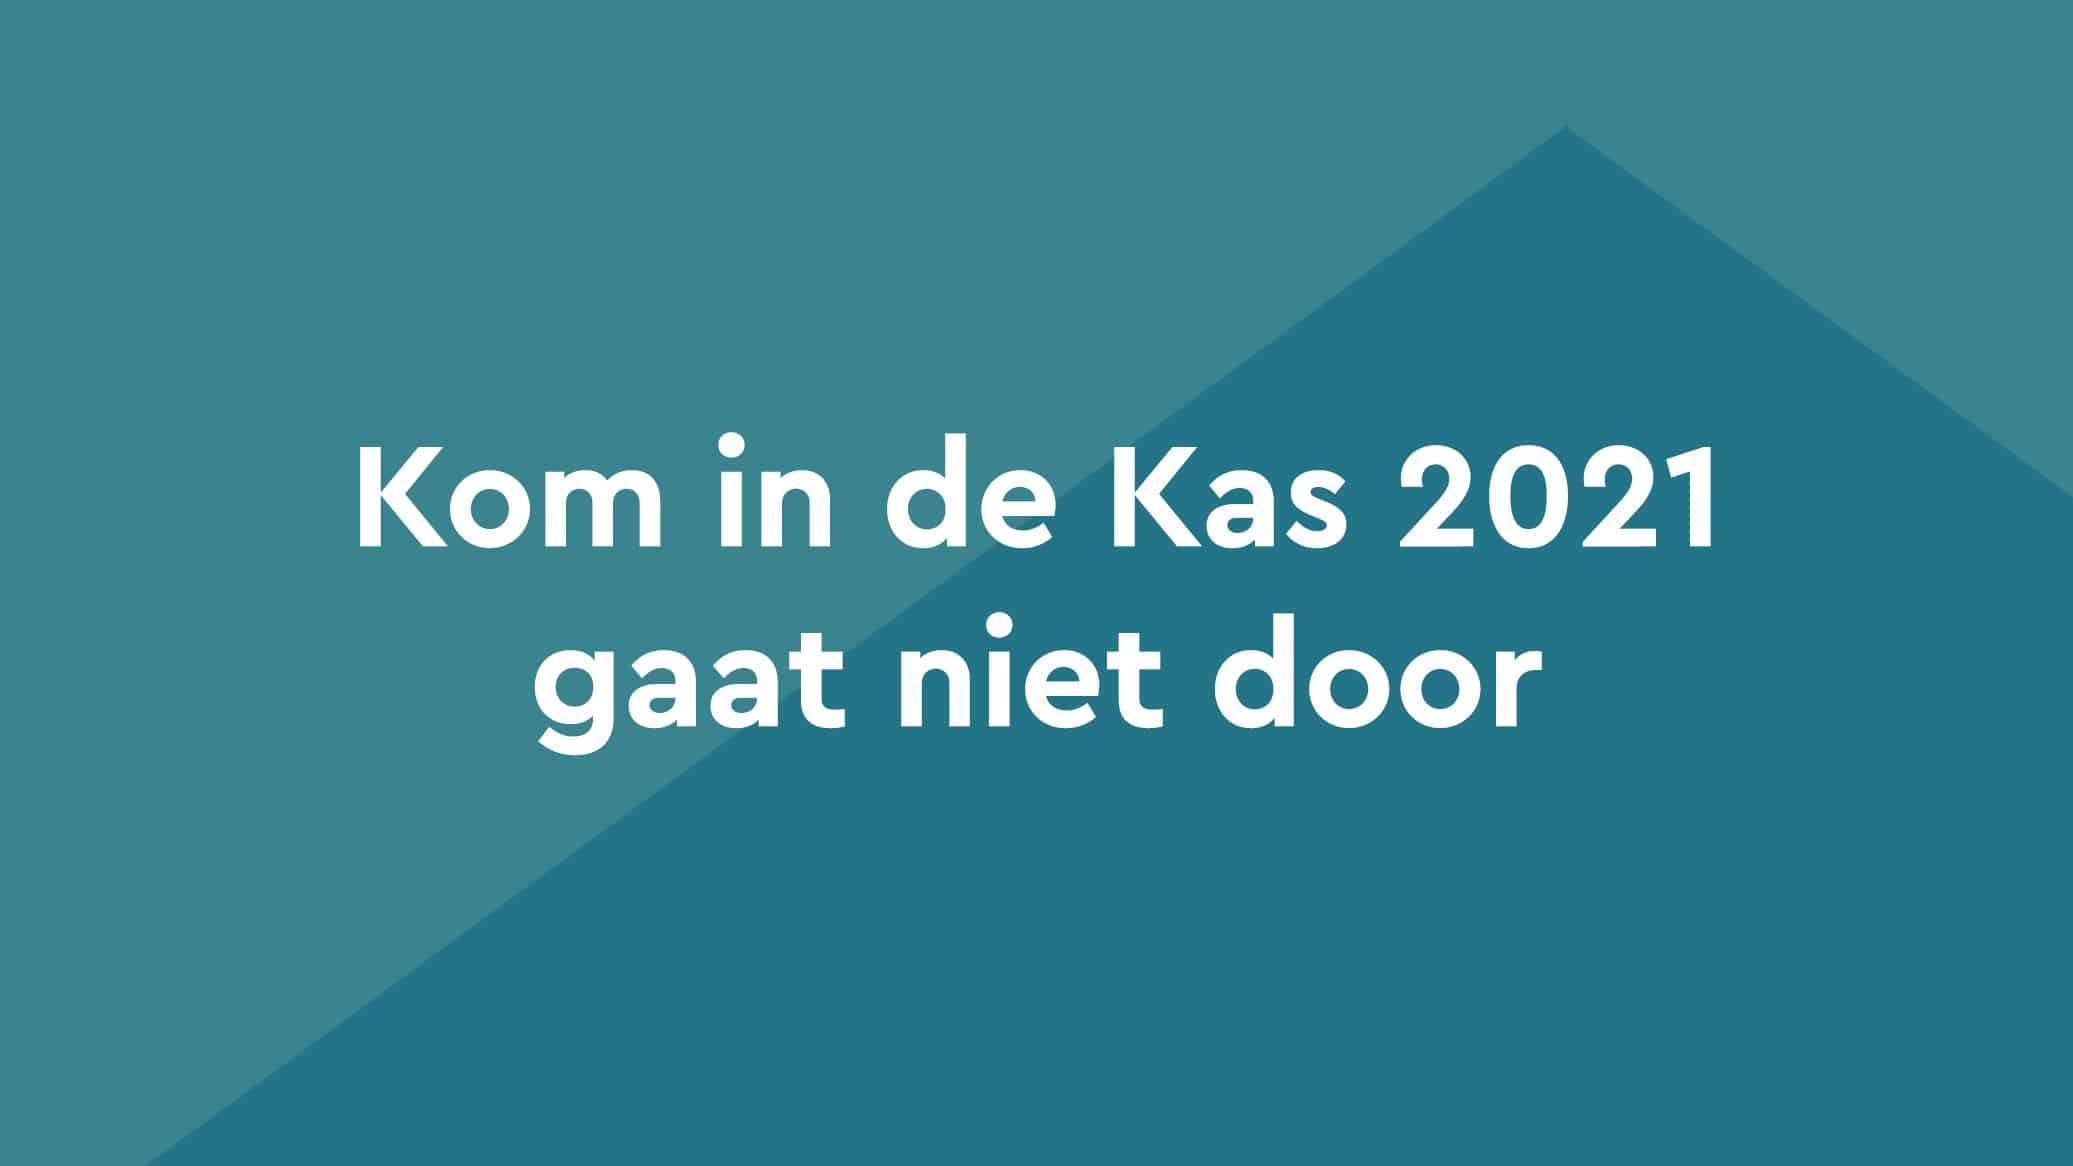 Kom In De Kas 2021